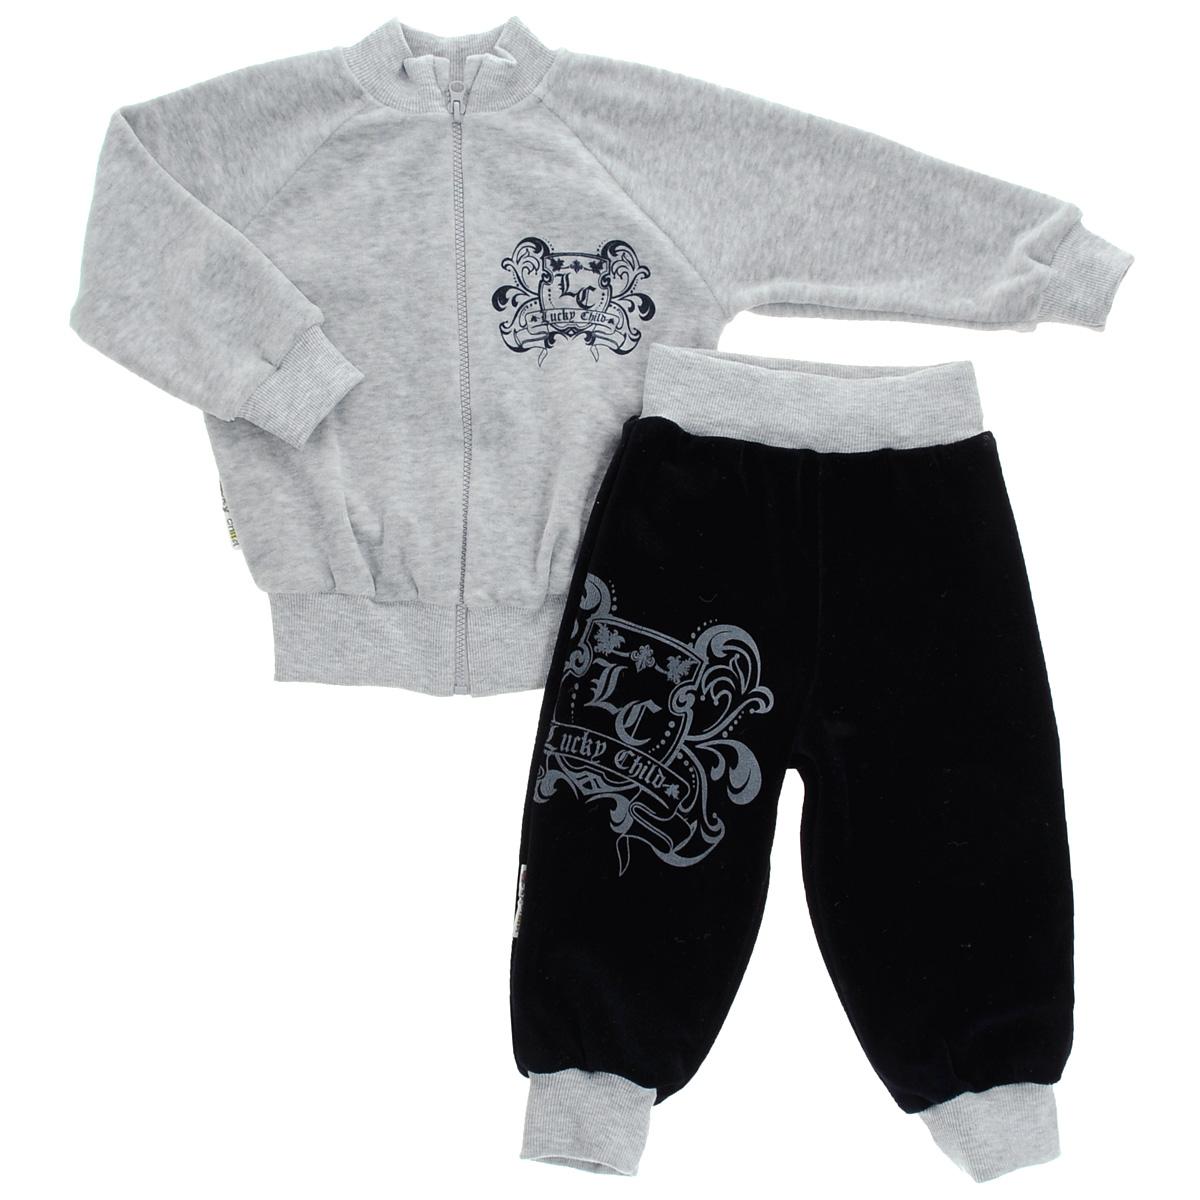 Комплект для мальчика Lucky Child: толстовка, брюки, цвет: серый, темно-синий. 5-8. Размер 80/865-8Детский комплект для мальчика Lucky Child, состоящий из толстовки и брюк - очень удобный и практичный. Комплект выполнен из велюра, благодаря чему он необычайно мягкий и приятный на ощупь, не раздражают нежную кожу ребенка и хорошо вентилируются, а эластичные швы приятны телу малыша и не препятствуют его движениям. Толстовка с воротником-стойкой и длинными рукавами-реглан застегивается на пластиковую застежку-молнию. Рукава дополнены широкими трикотажными манжетами, не стягивающими запястья. Понизу также проходит широкая трикотажная резинка. На груди она оформлена оригинальным принтом в виде логотипа бренда. Брюки прямого покроя на талии имеют широкую эластичную резинку, благодаря чему они не сдавливают животик ребенка и не сползают. Понизу штанины дополнены широкими трикотажными манжетами. Спереди брюки декорированы таким же рисунком, как на толстовке. Оригинальный дизайн и модная расцветка делают этот комплект незаменимым предметом детского гардероба. В нем ваш ребенок всегда будет в центре внимания!